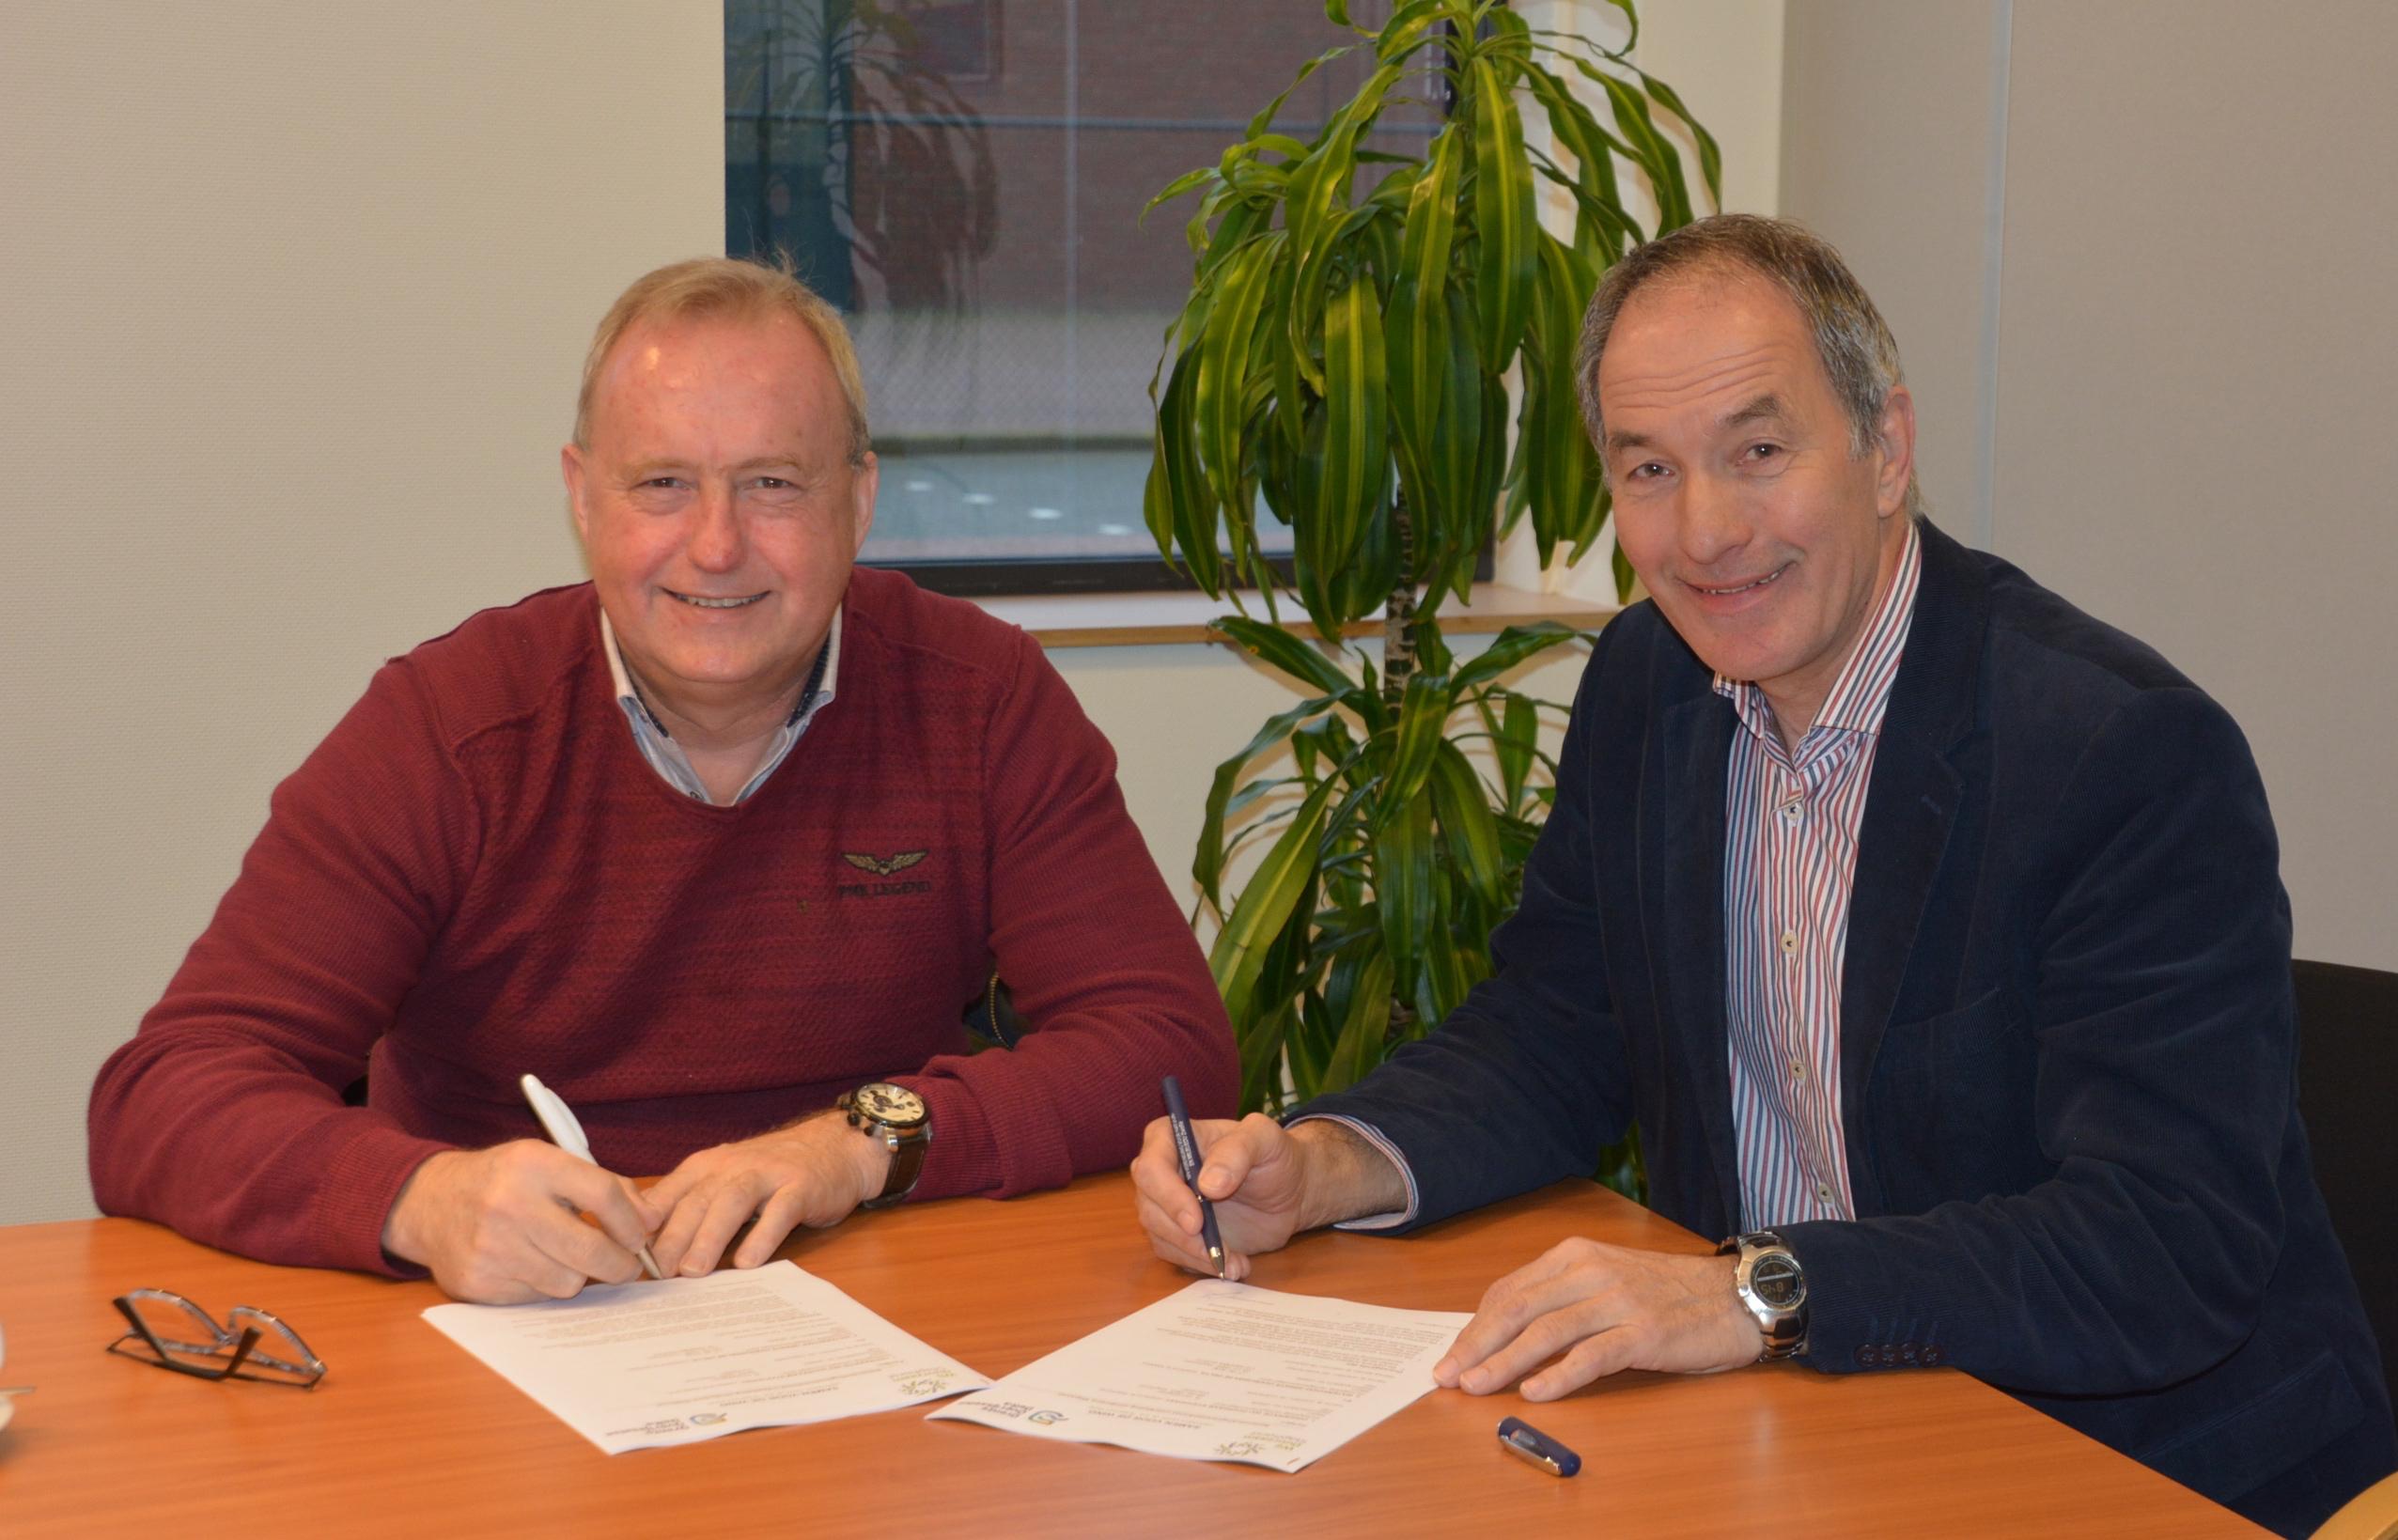 Coöperatie Wij Duurzaam Staphorst en Waterschap Drents Overijsselse Delta sluiten overeenkomst voor 12 MW windpark